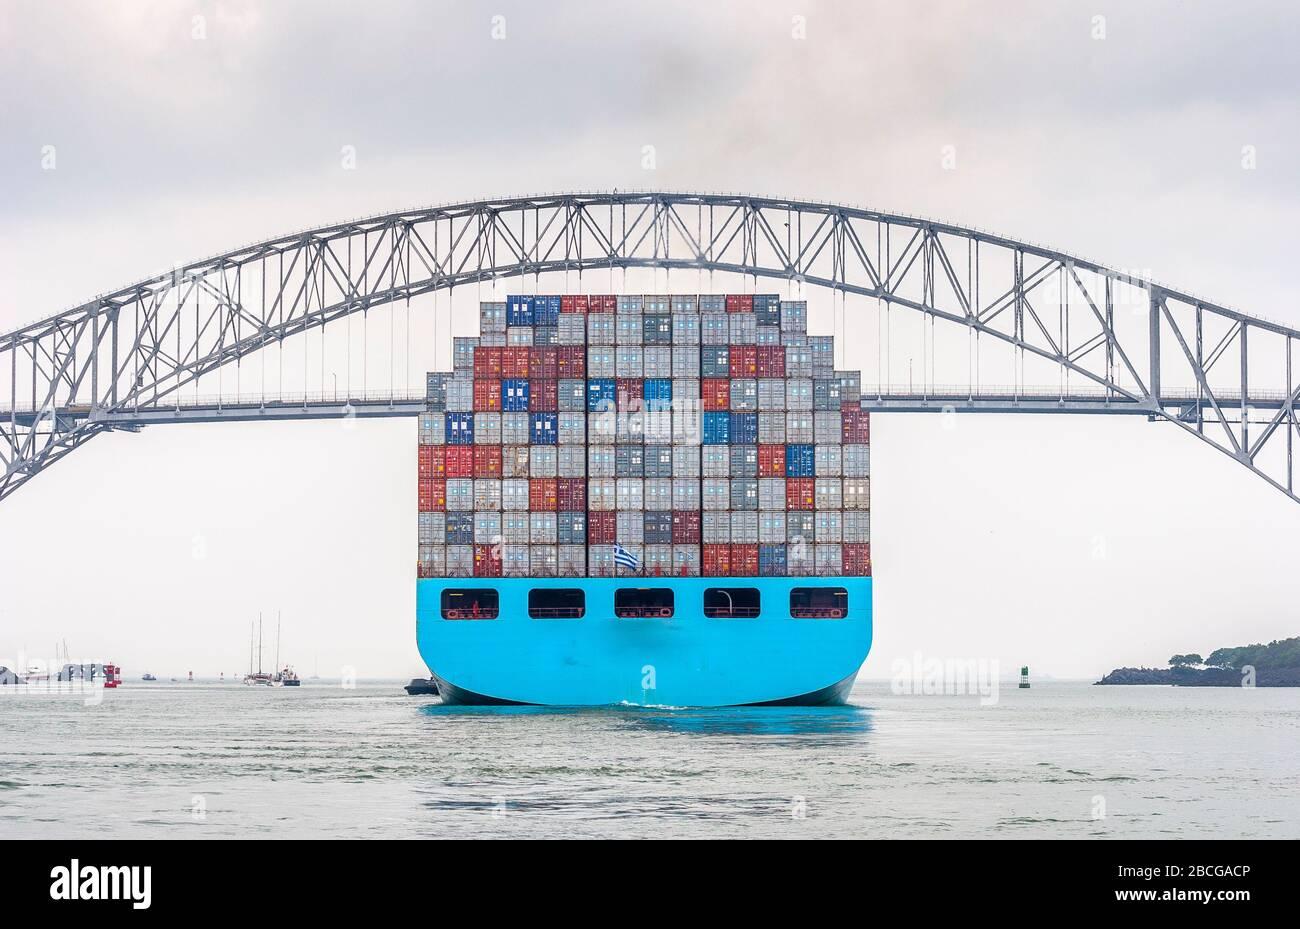 Bateau-conteneur quittant le canal de Panama et passant par le pont des Amériques, la seule liaison routière entre l'Amérique du Nord et l'Amérique du Sud Banque D'Images